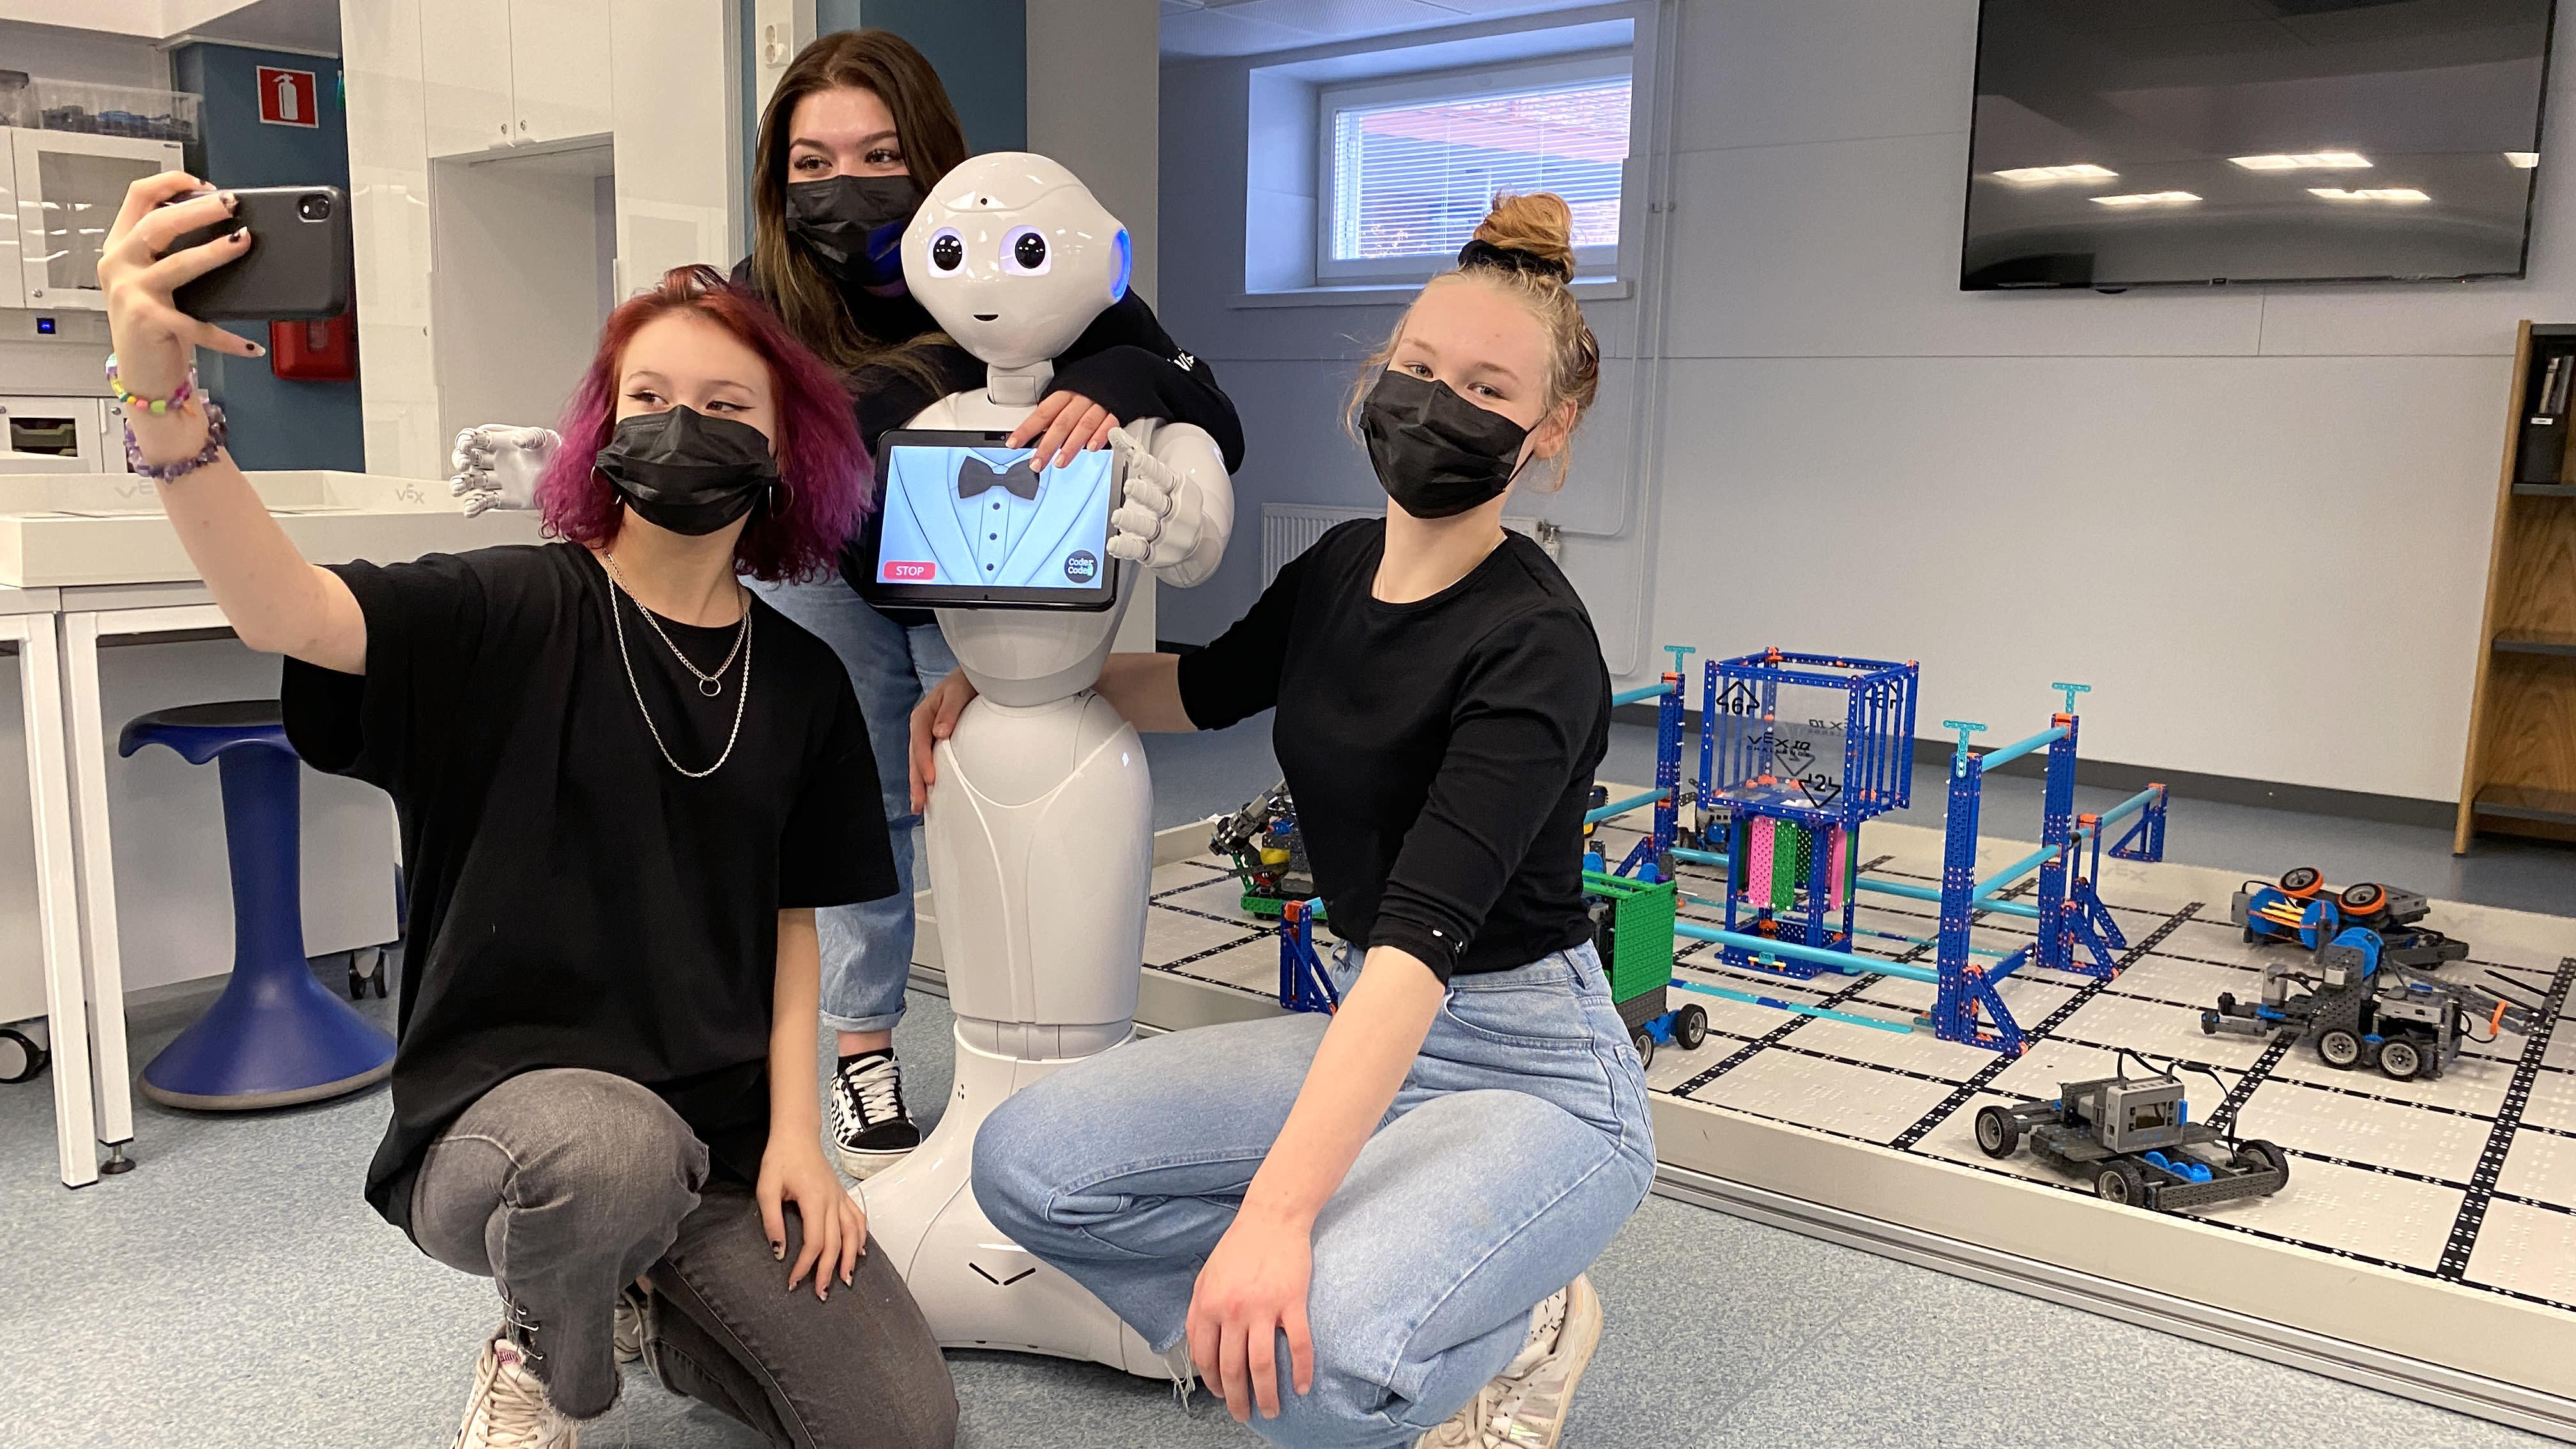 Jenna Hietakangas, Pinja Jokinen ja Sara Korkia-aho ottavat selfietä yhdessä ihmishahmoa muistuttavan humanoidirobotin kanssa.